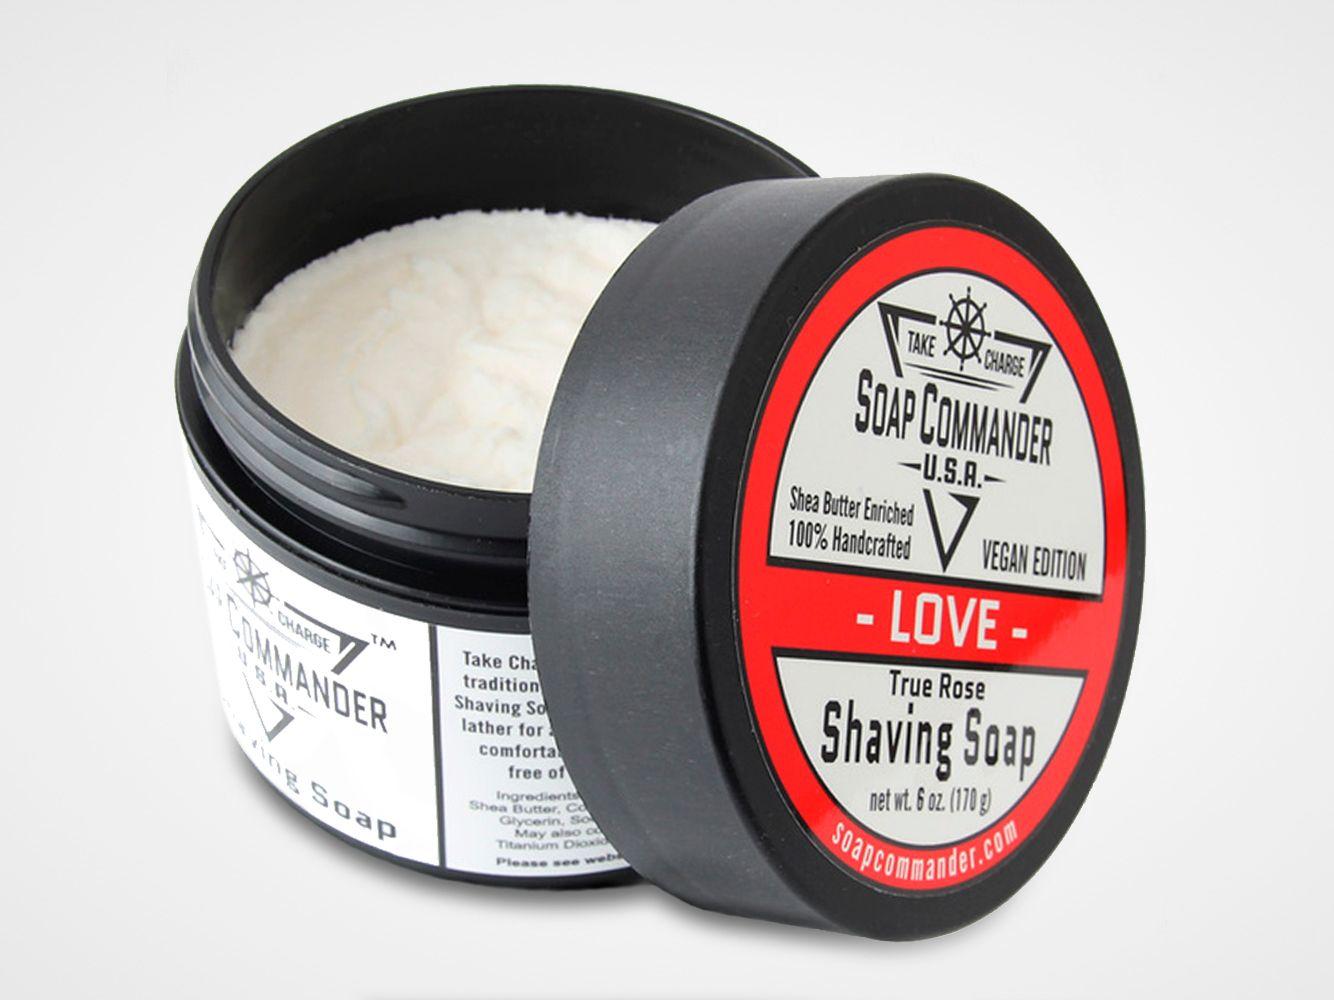 Mydło do golenia Soap Commander Love Shaving Soap (grafika poglądowa, stara wersja etykiety)